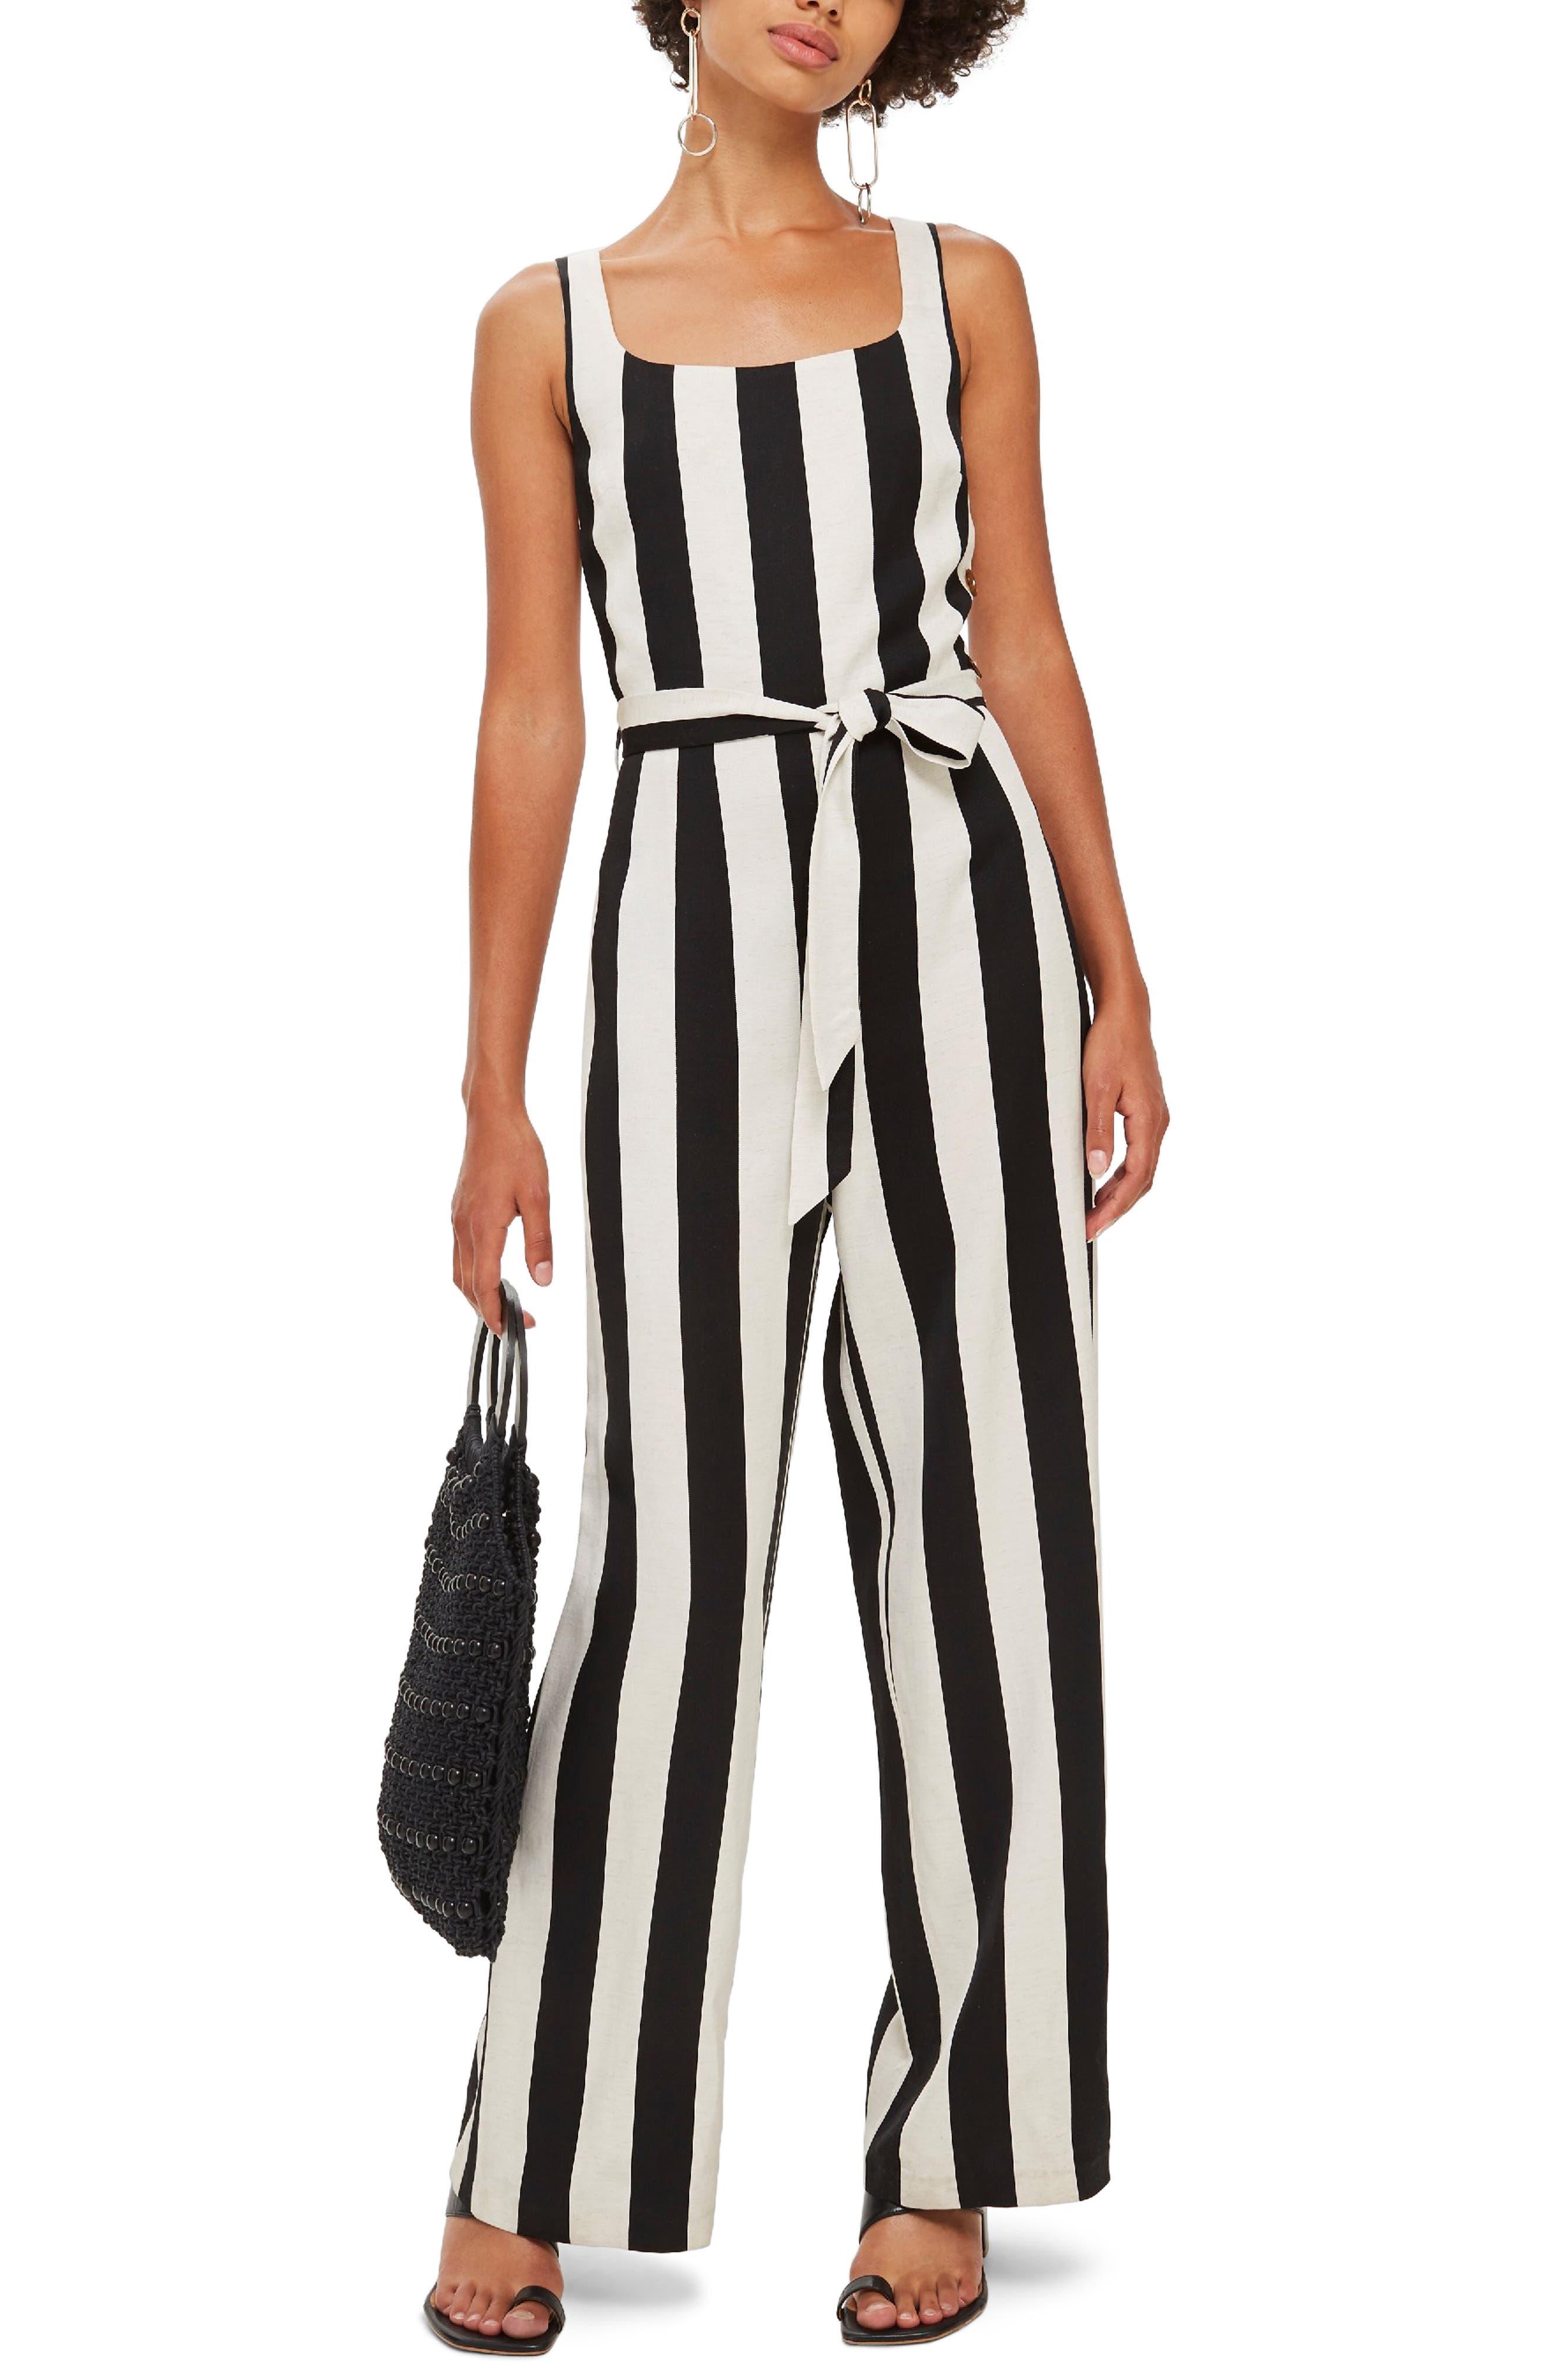 Humbug Striped Jumpsuit,                             Main thumbnail 1, color,                             BLACK MULTI